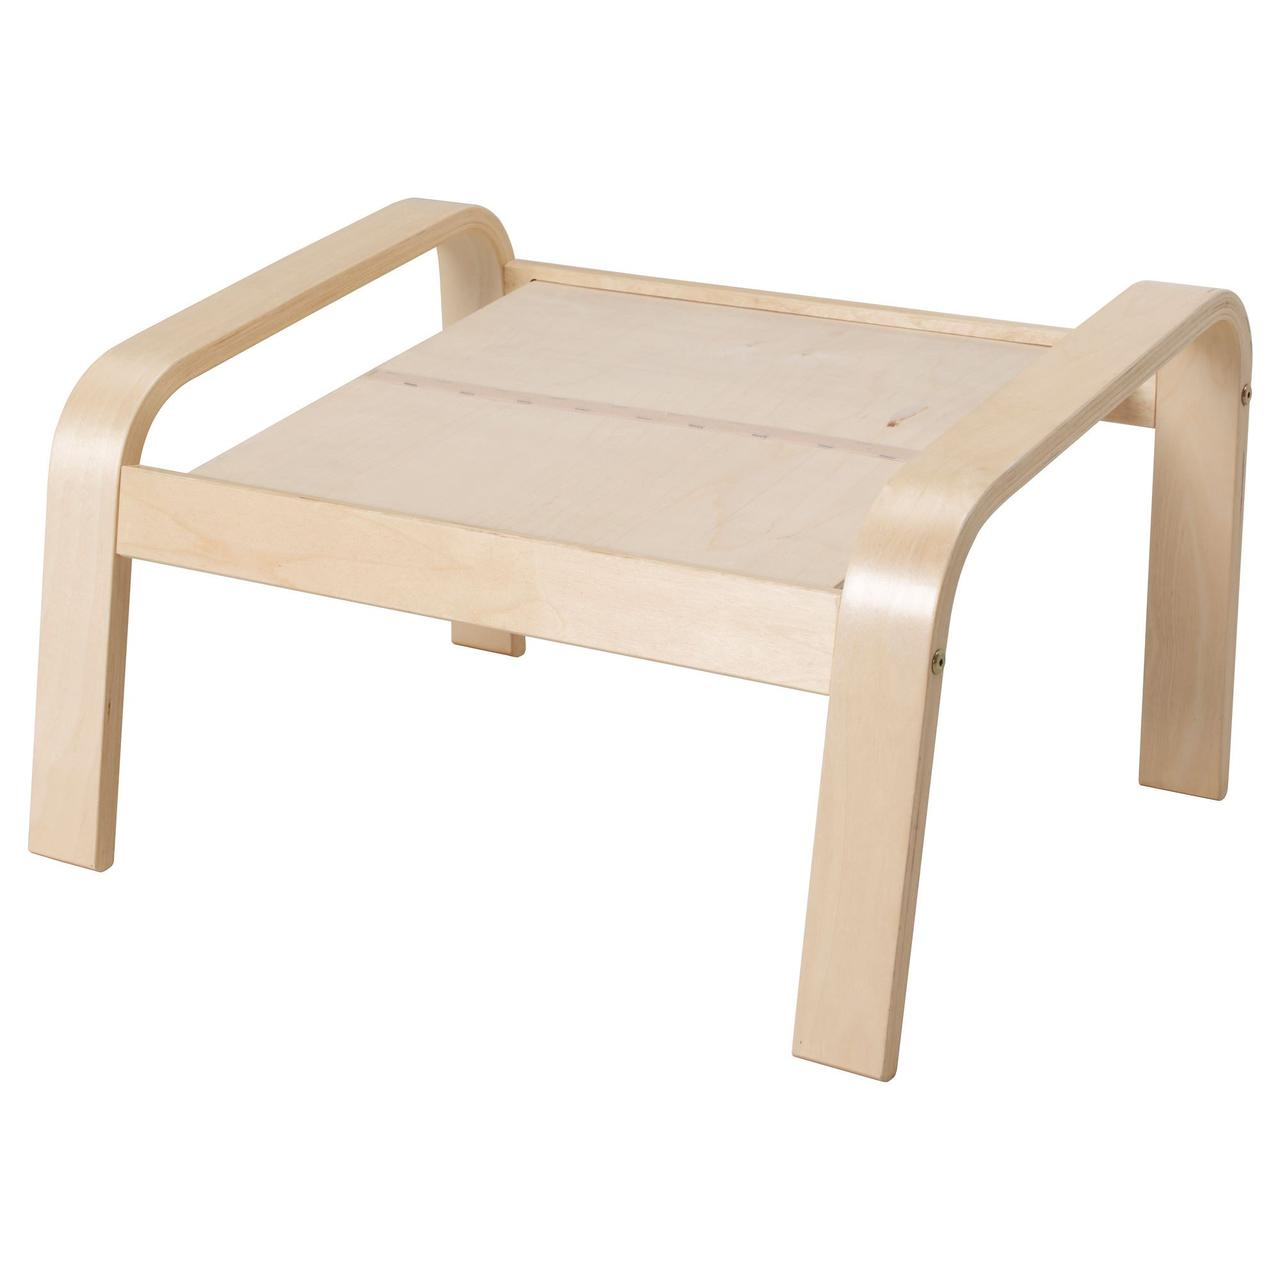 Каркас табурета для ног IKEA POÄNG 613.059.07